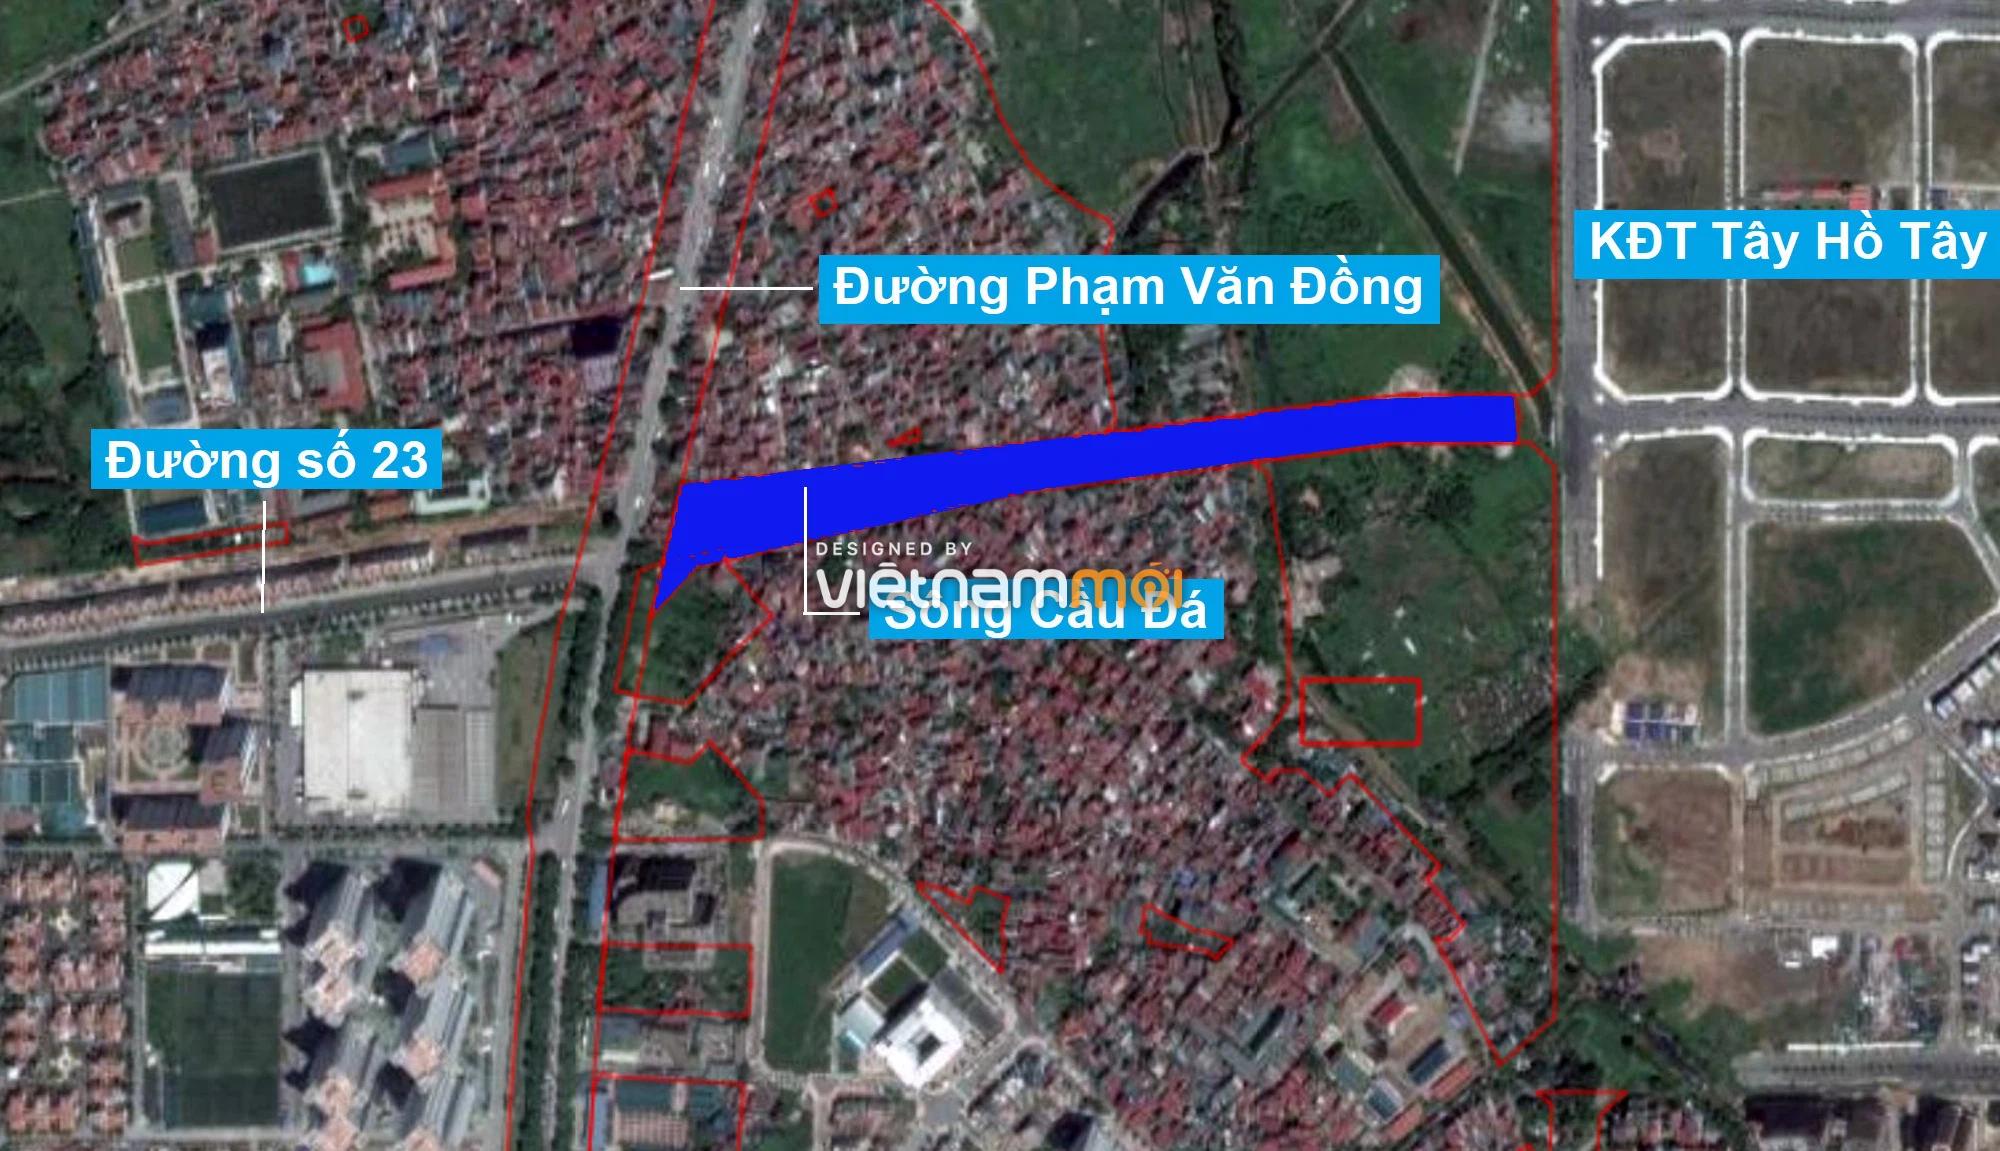 Những khu đất sắp thu hồi để mở đường ở quận Bắc Từ Liêm, Hà Nội (phần 1) - Ảnh 10.